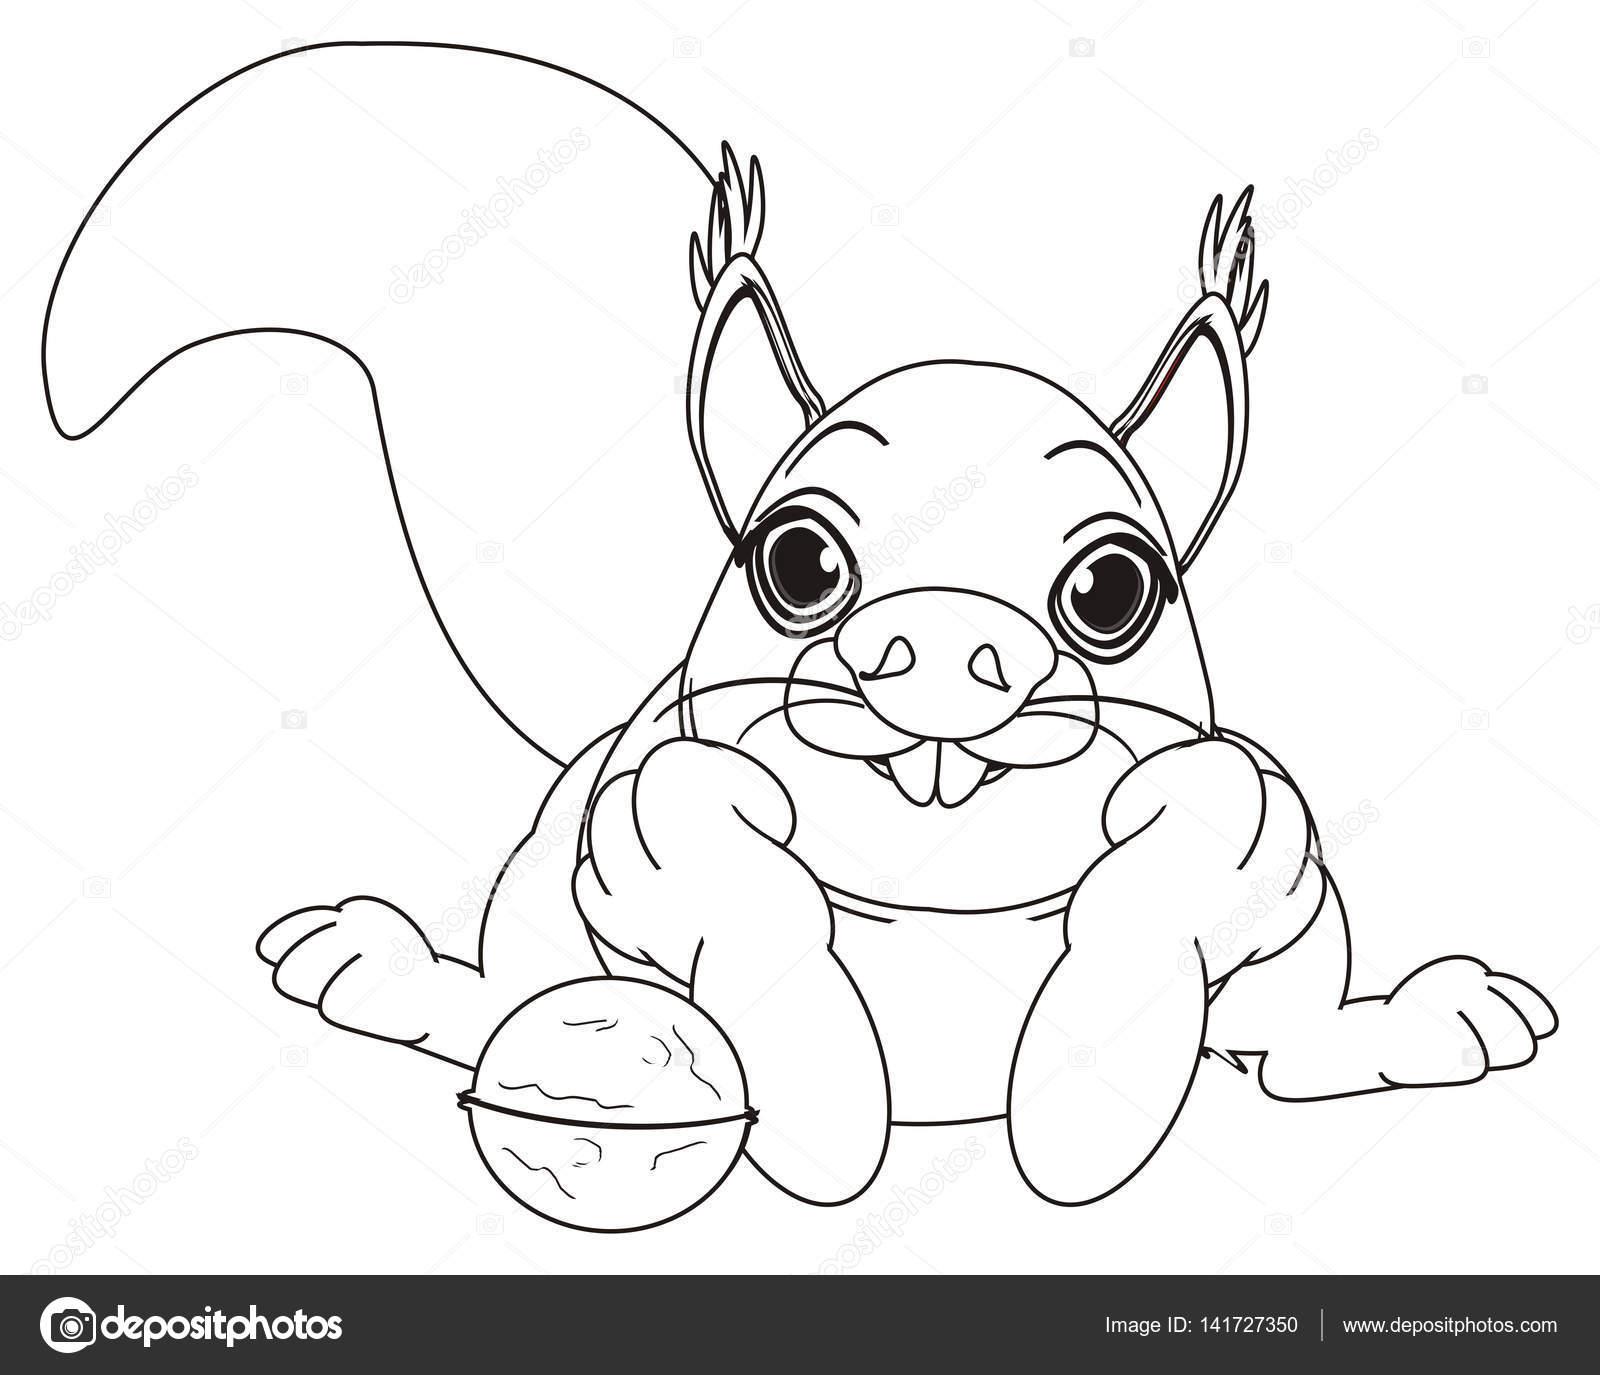 Malvorlagen Eichhörnchen liegend — Stockfoto © tatty77tatty #141727350